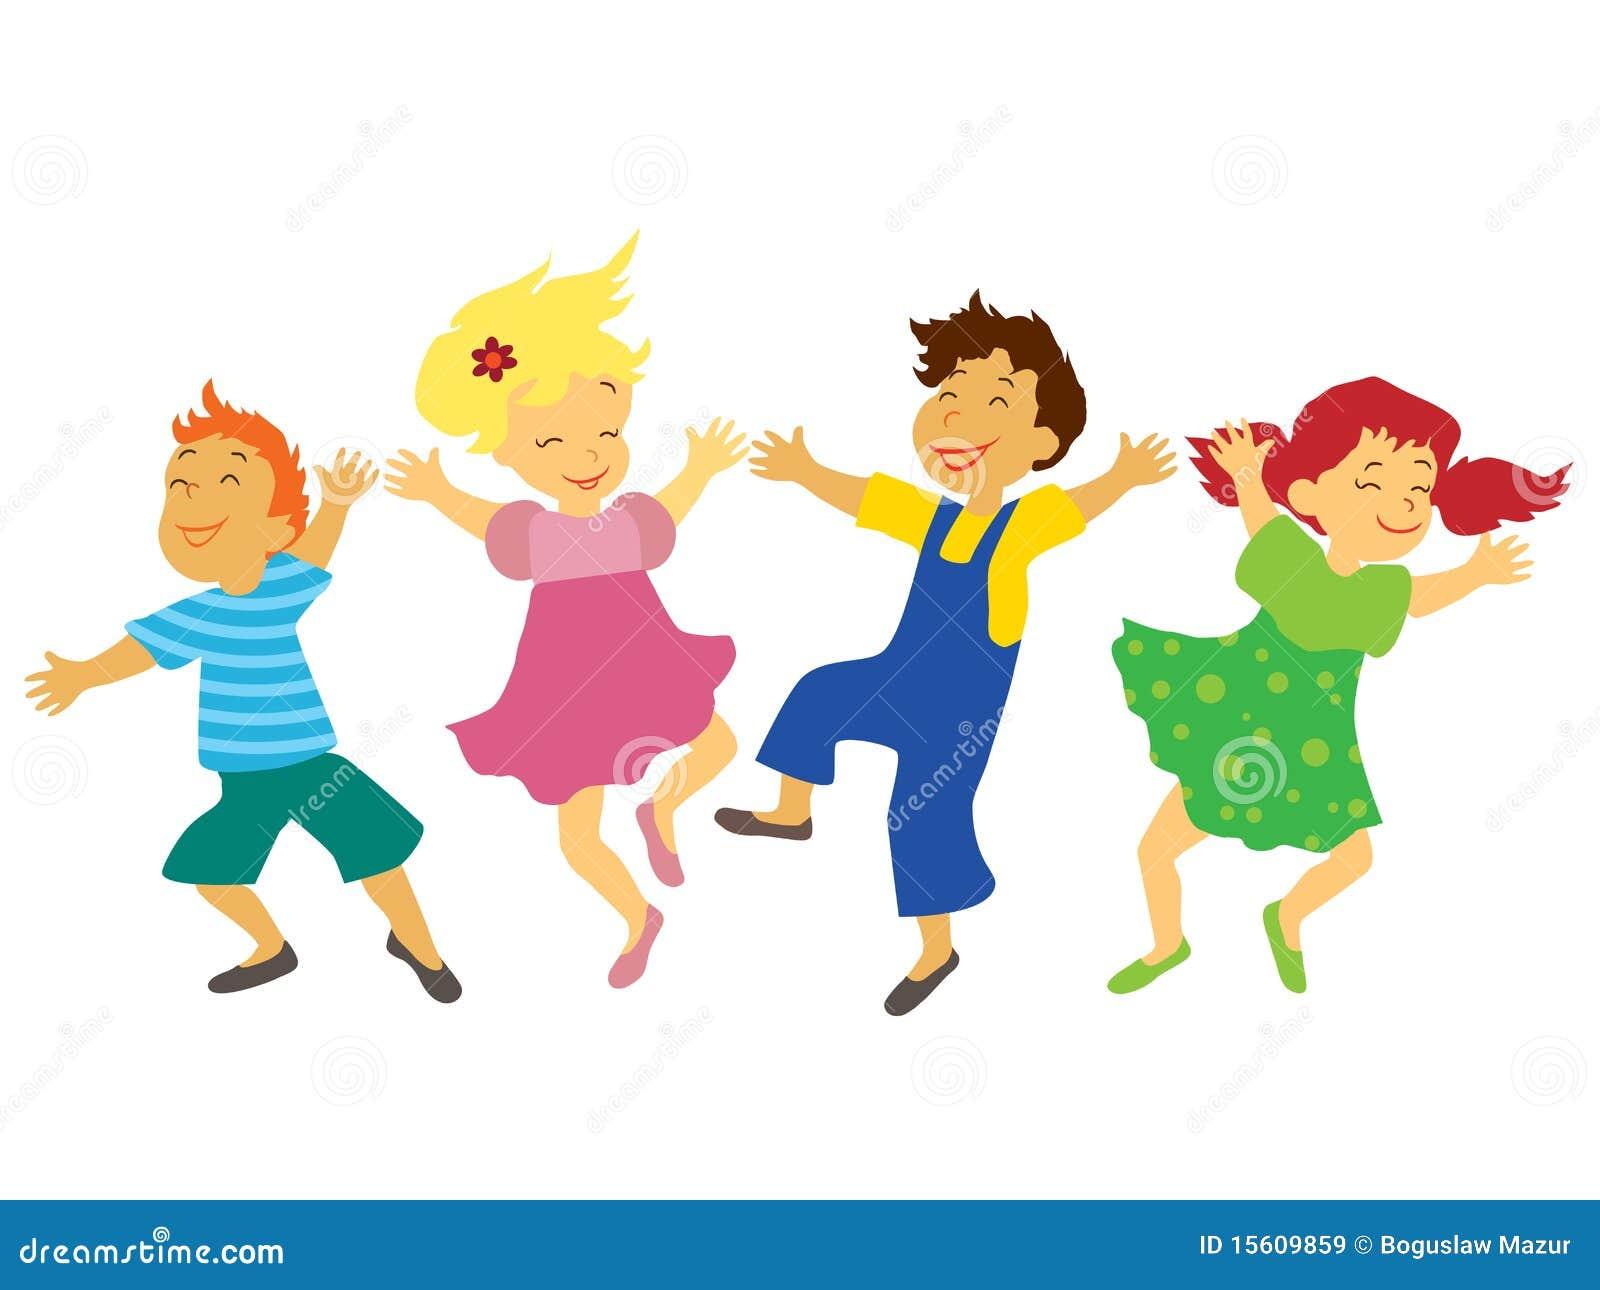 Танцы дети рисунок